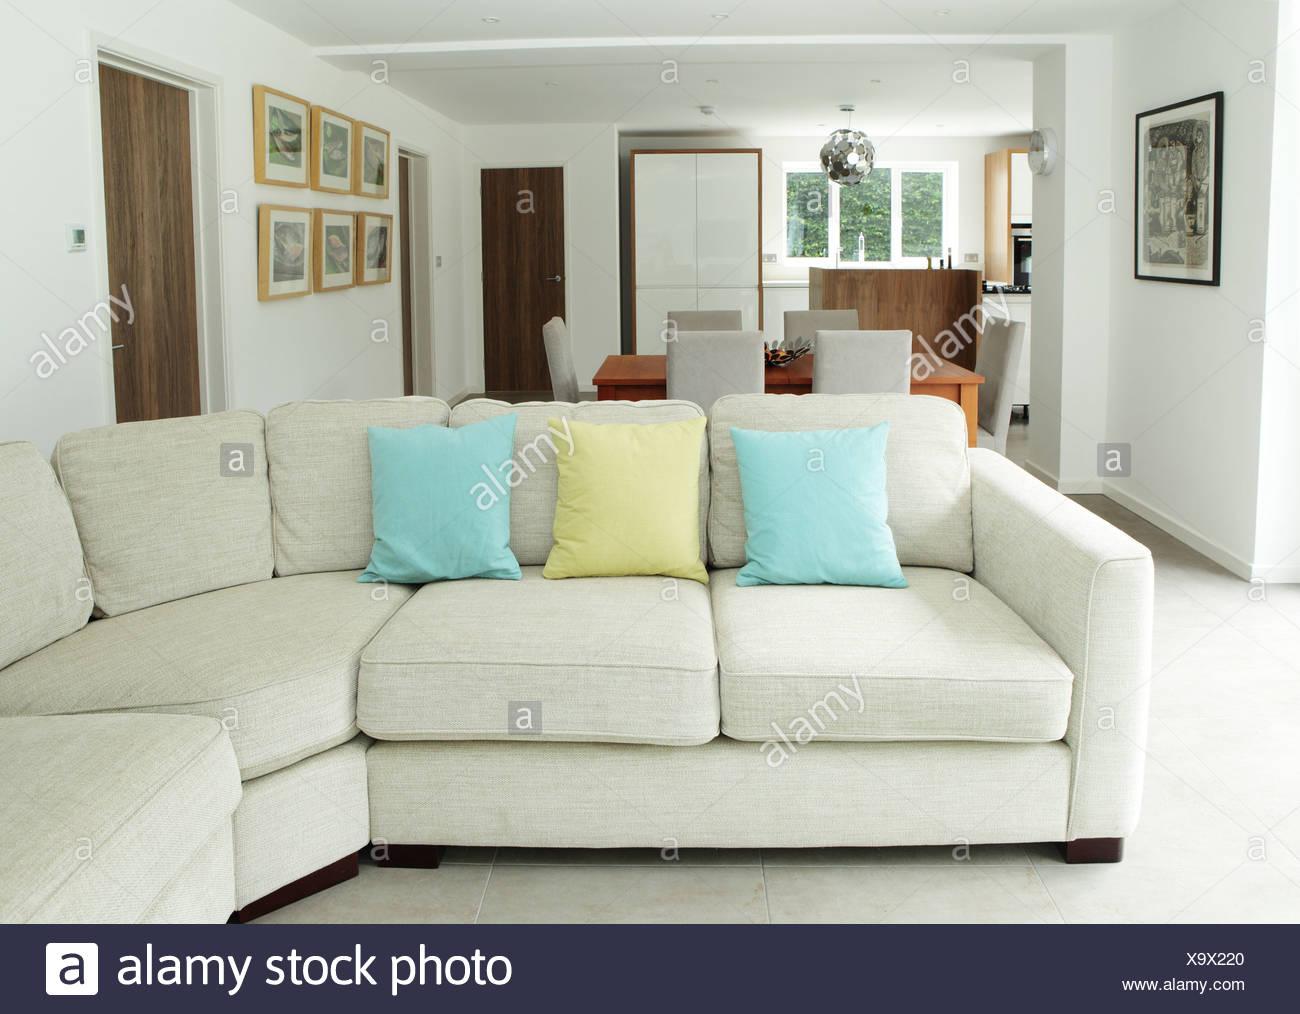 Sofá en el salón Imagen De Stock